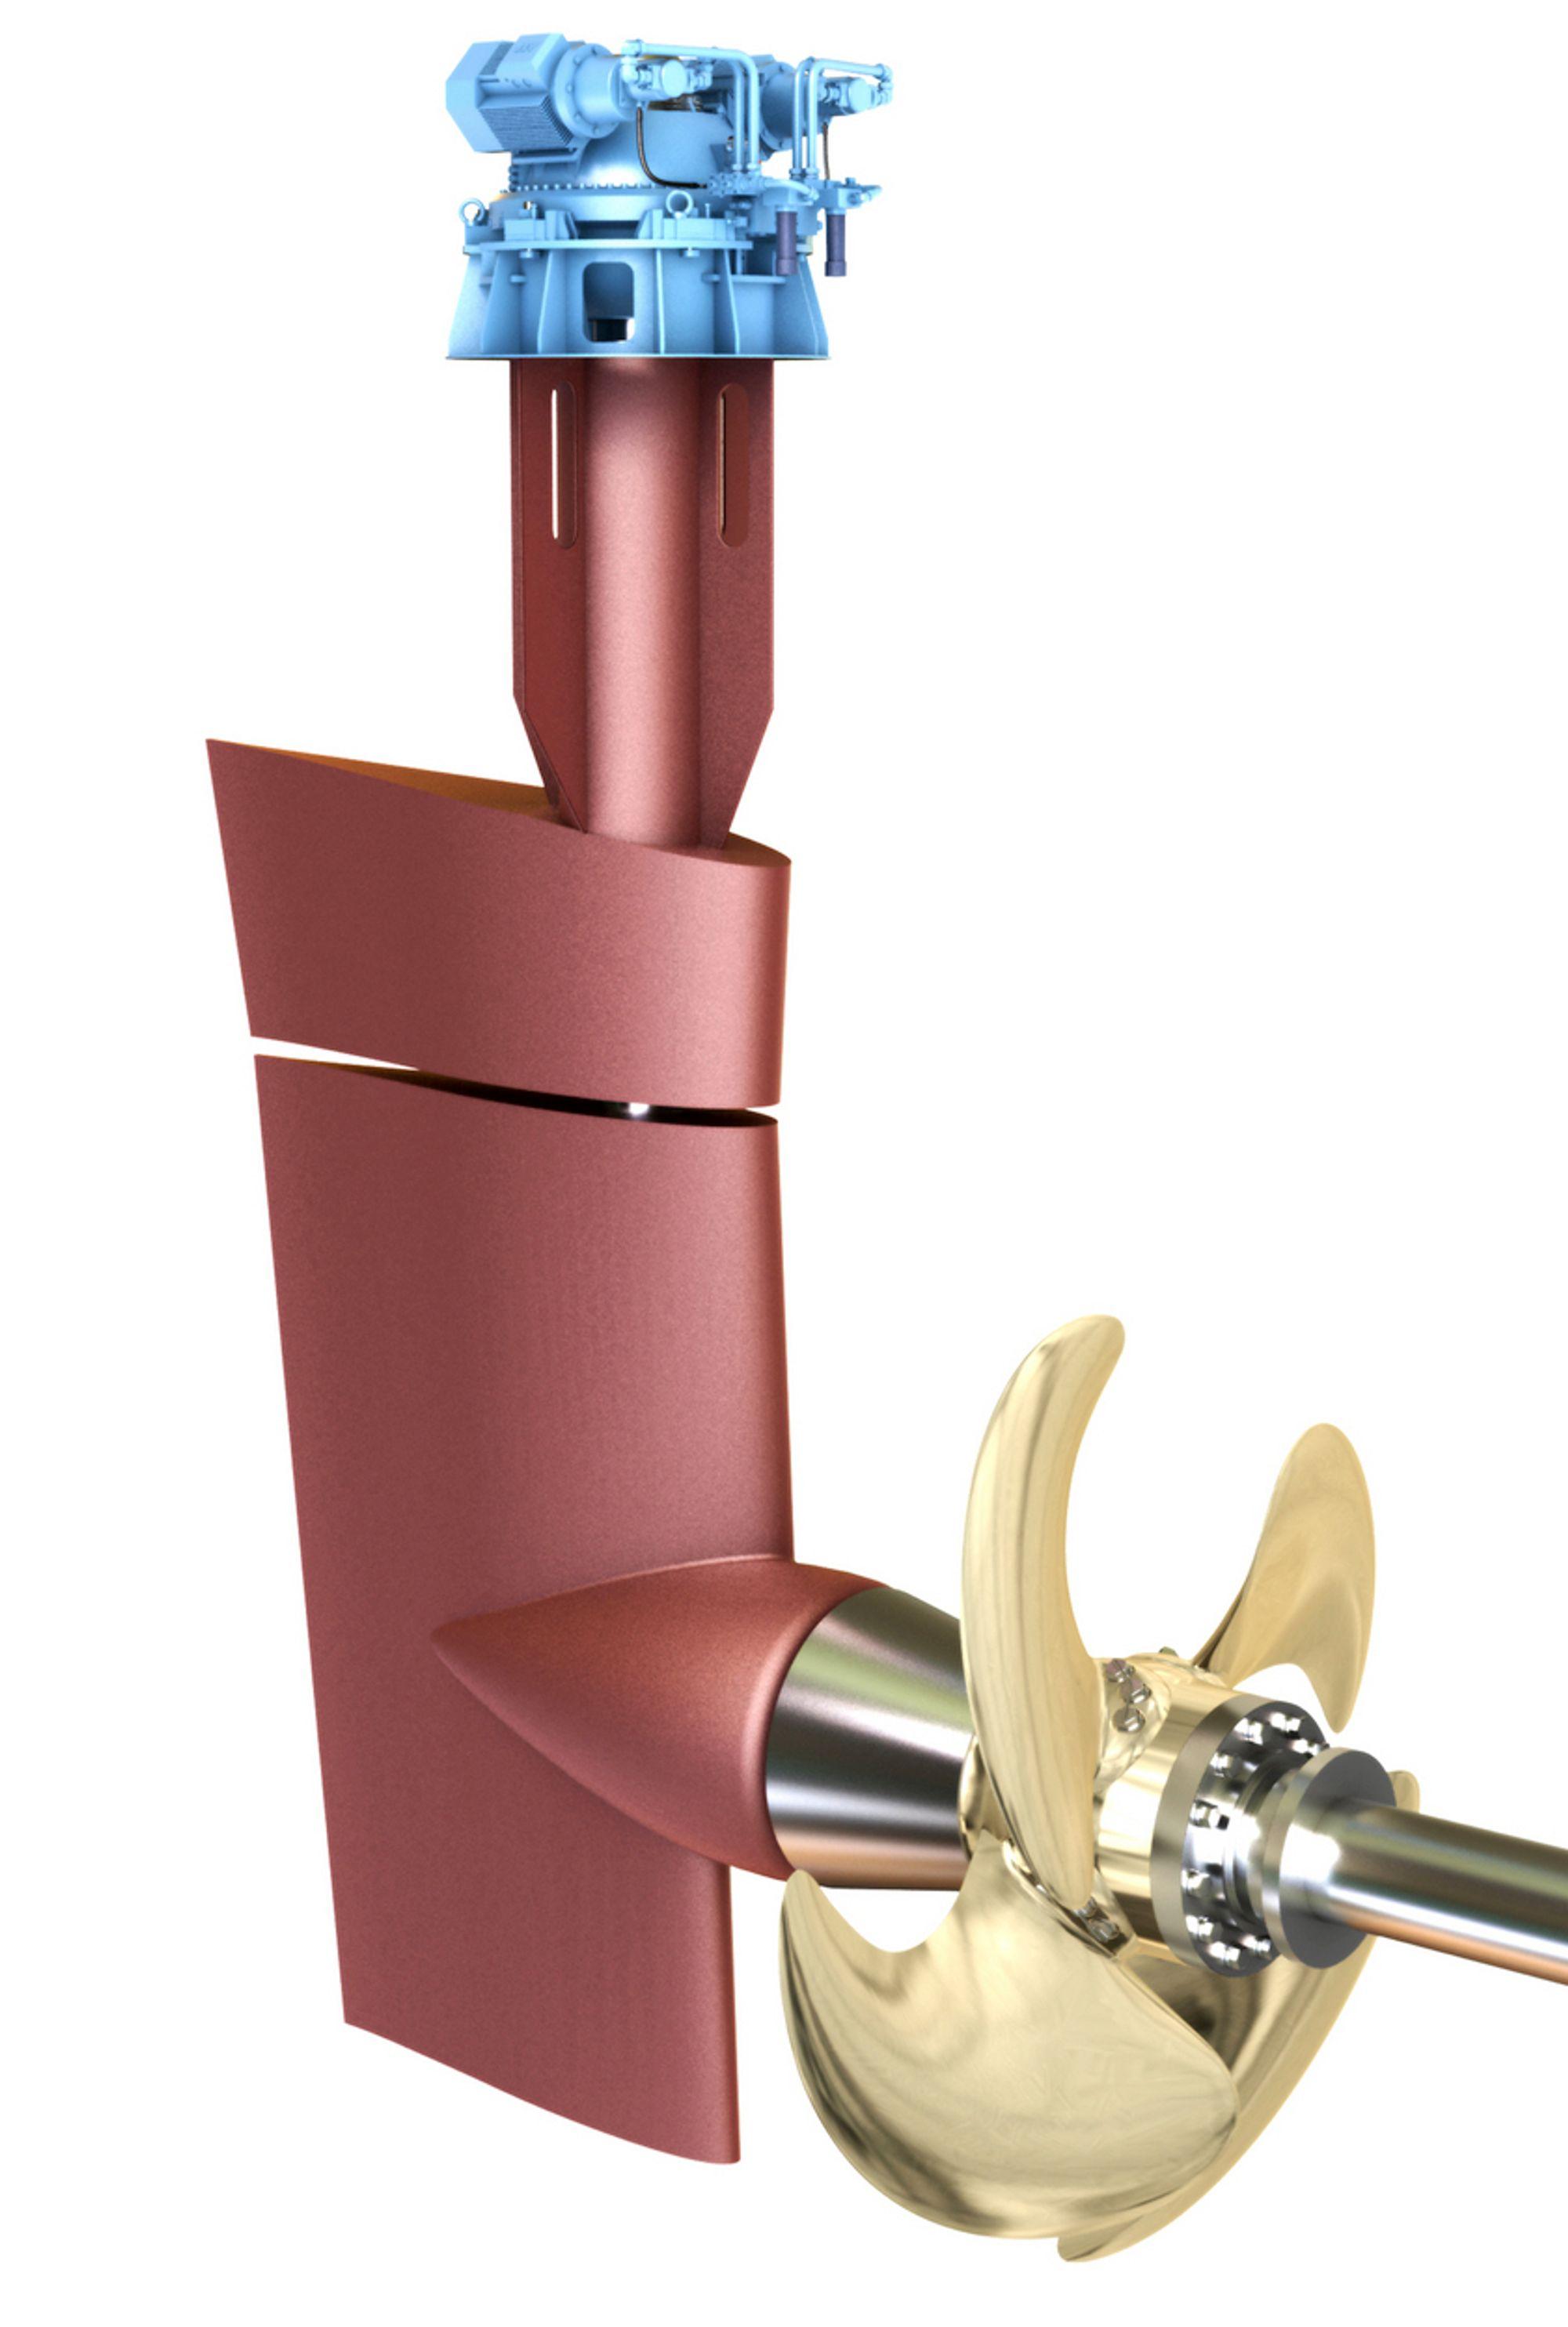 INTEGRERT: Ved å integrere propell og ror har Rolls-Royce utviklet en løsning som øker virkningsgraden på framdriften.